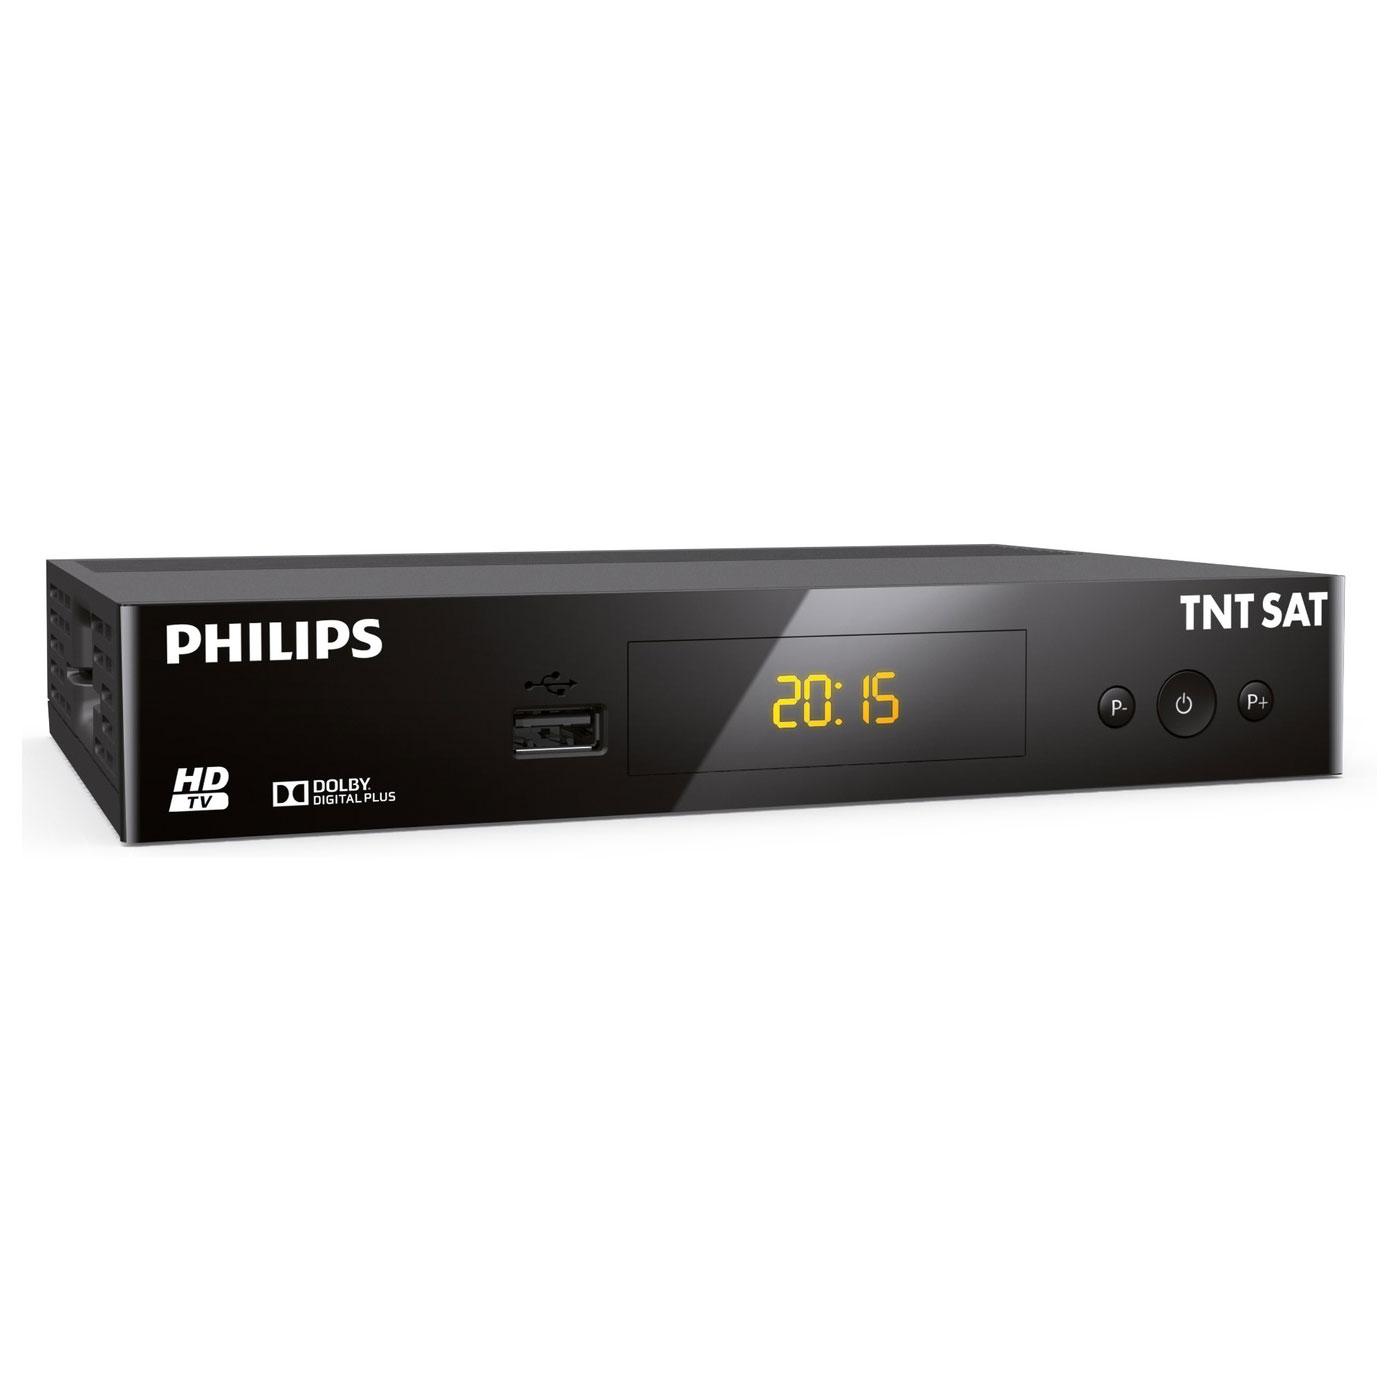 philips dsr3231t adaptateur tnt sat philips sur. Black Bedroom Furniture Sets. Home Design Ideas